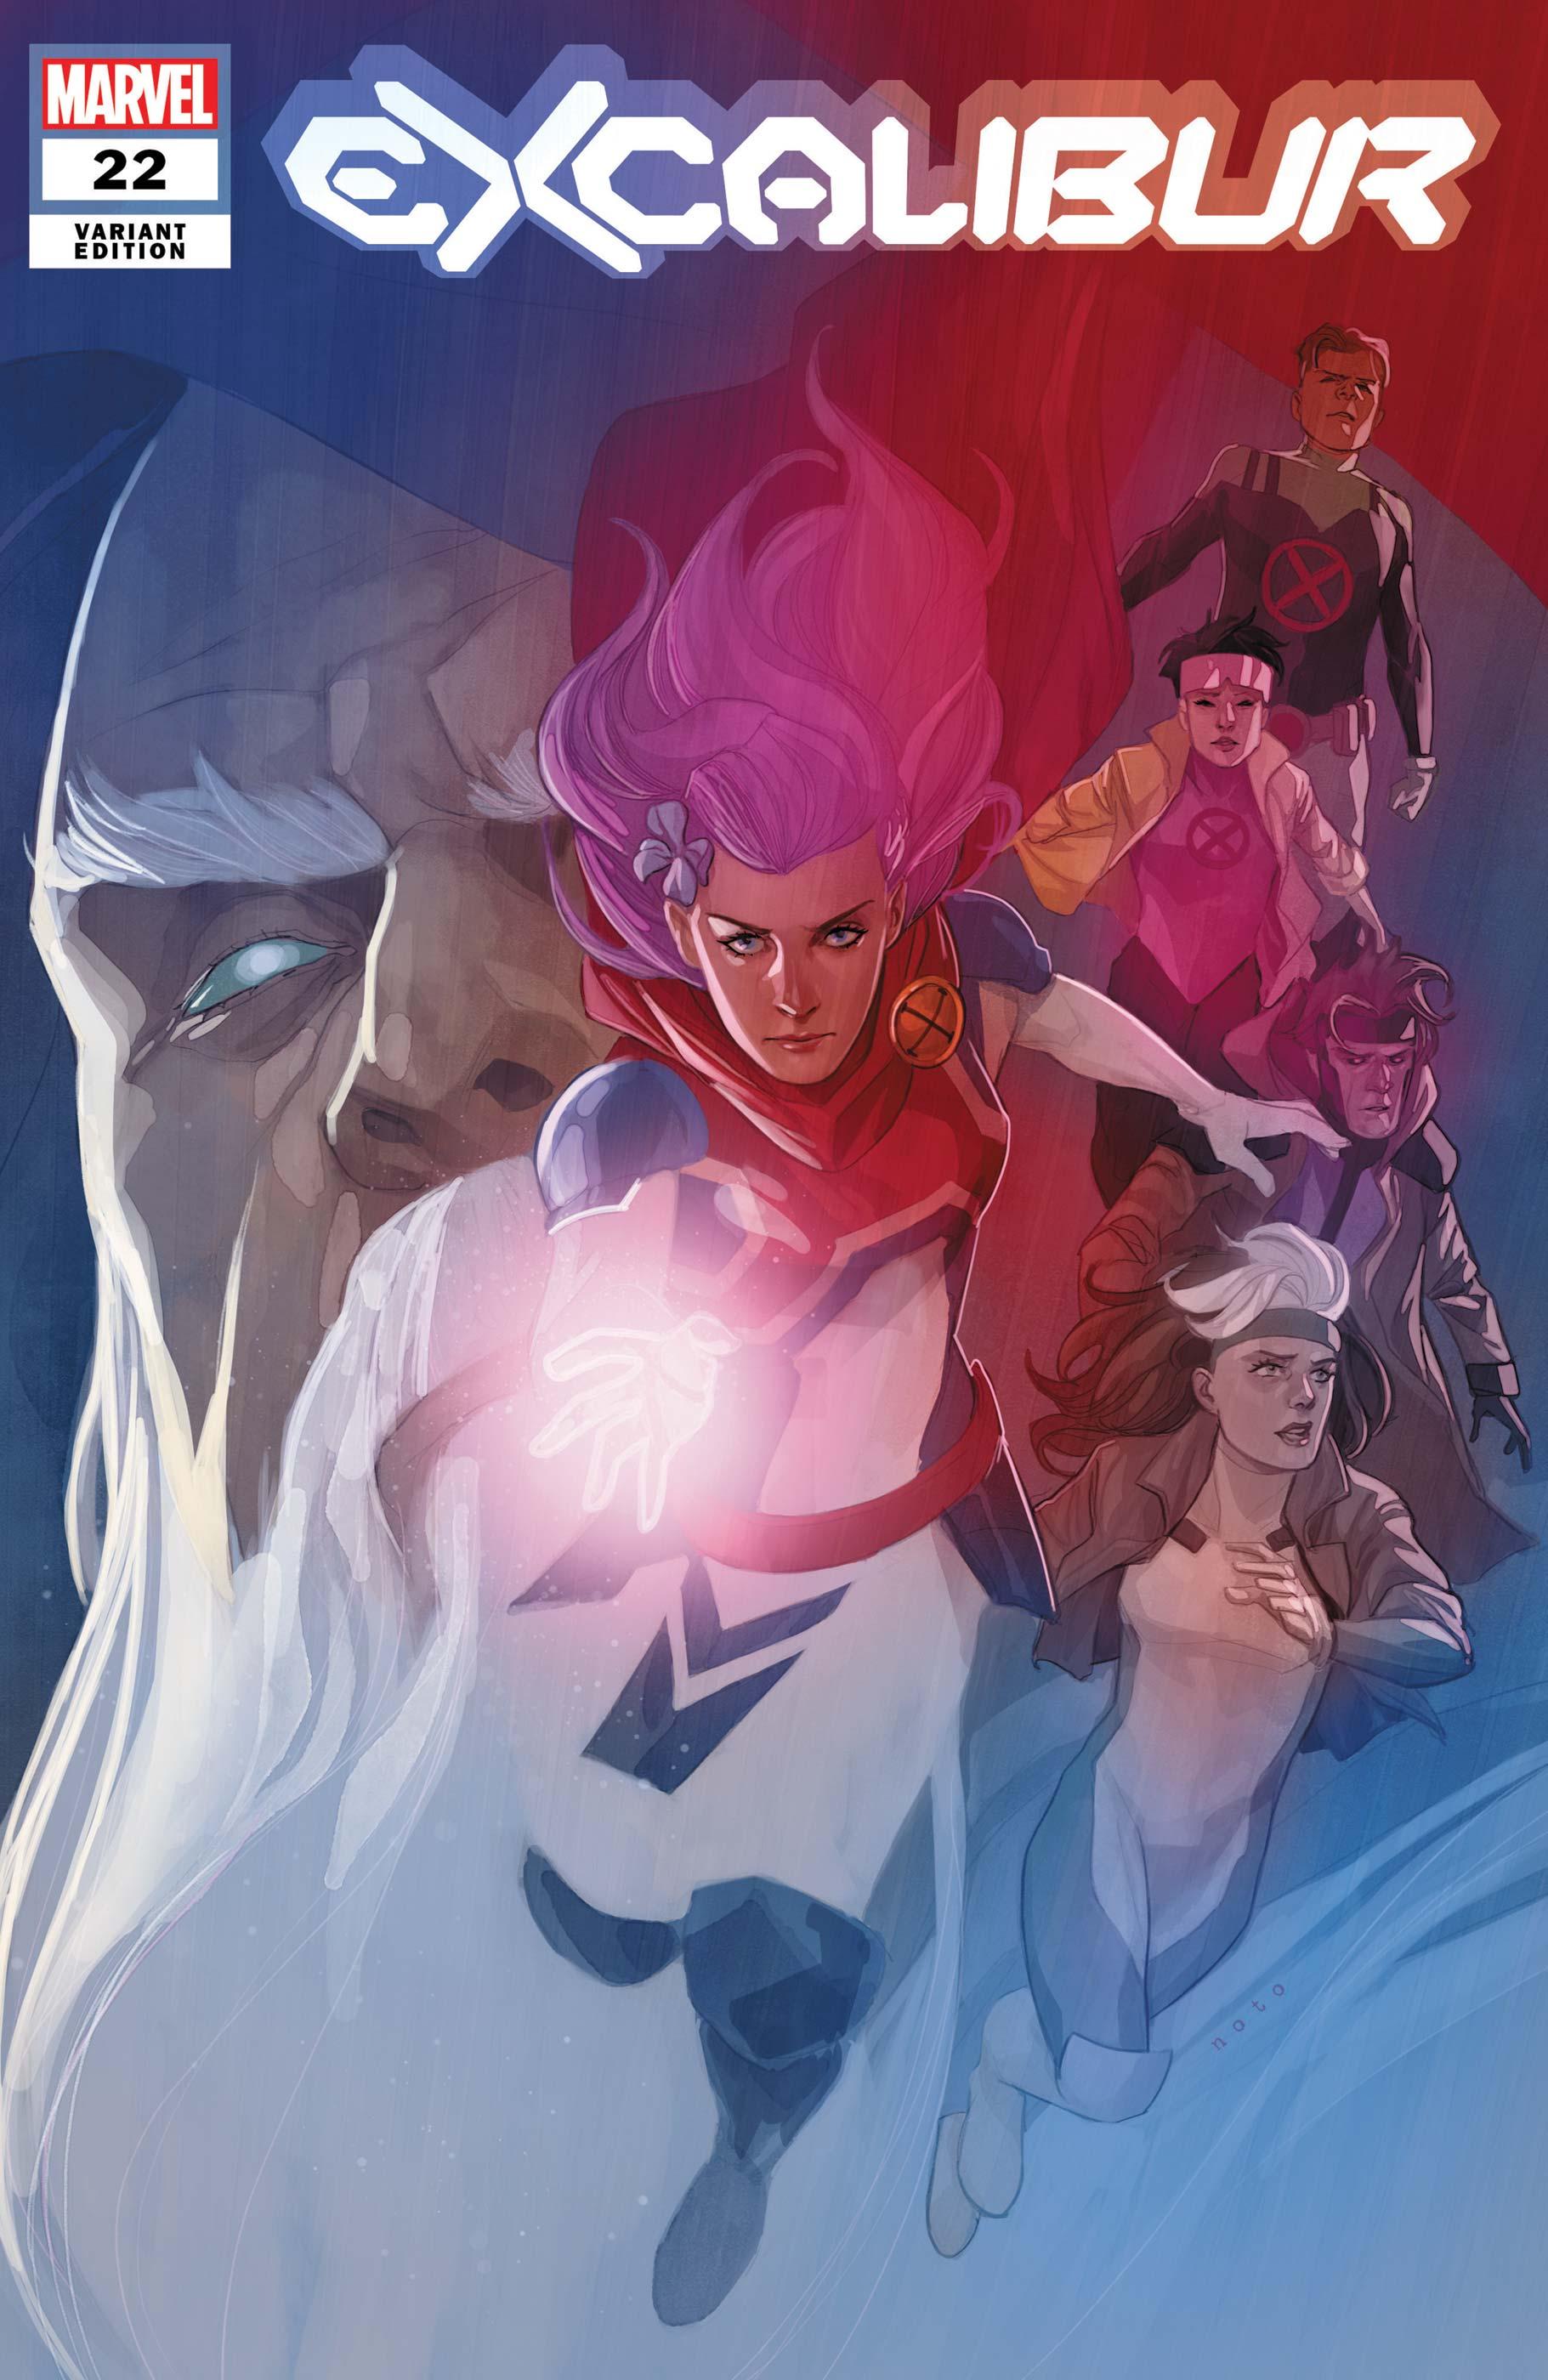 Excalibur (2019) #22 (Variant)